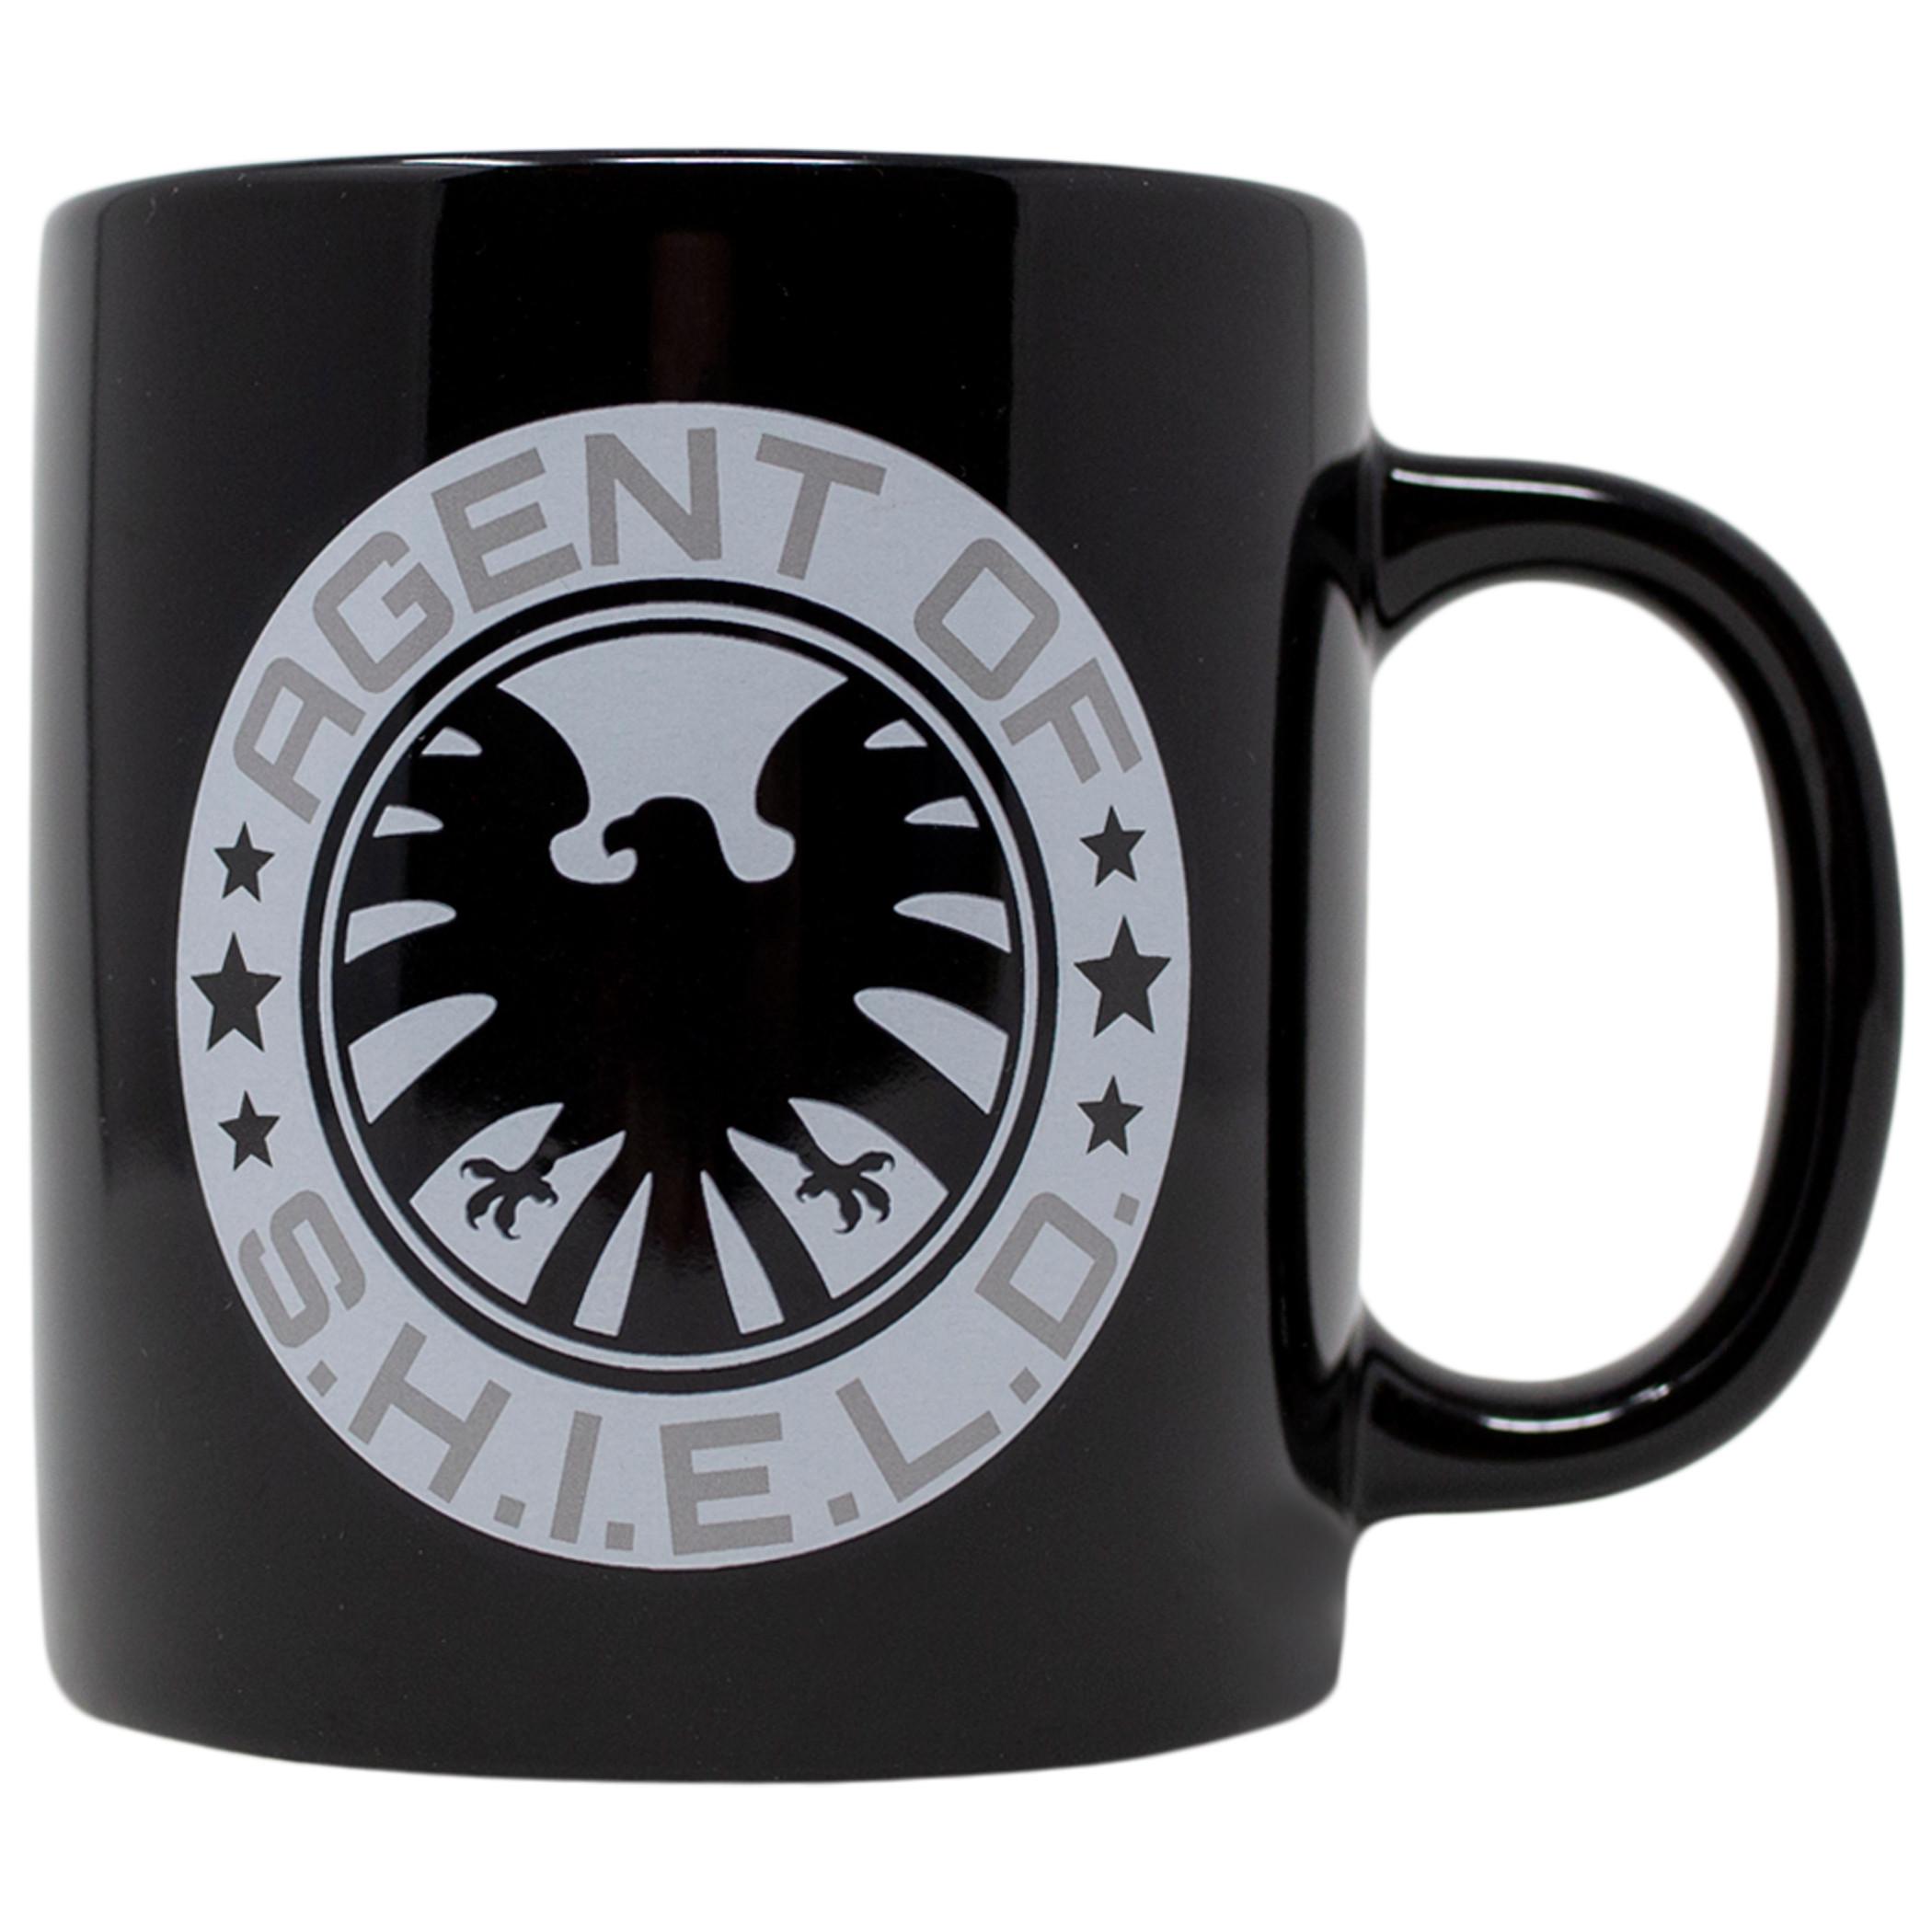 Marvel Agents of S.H.I.E.L.D. Symbol 15 oz. Mug